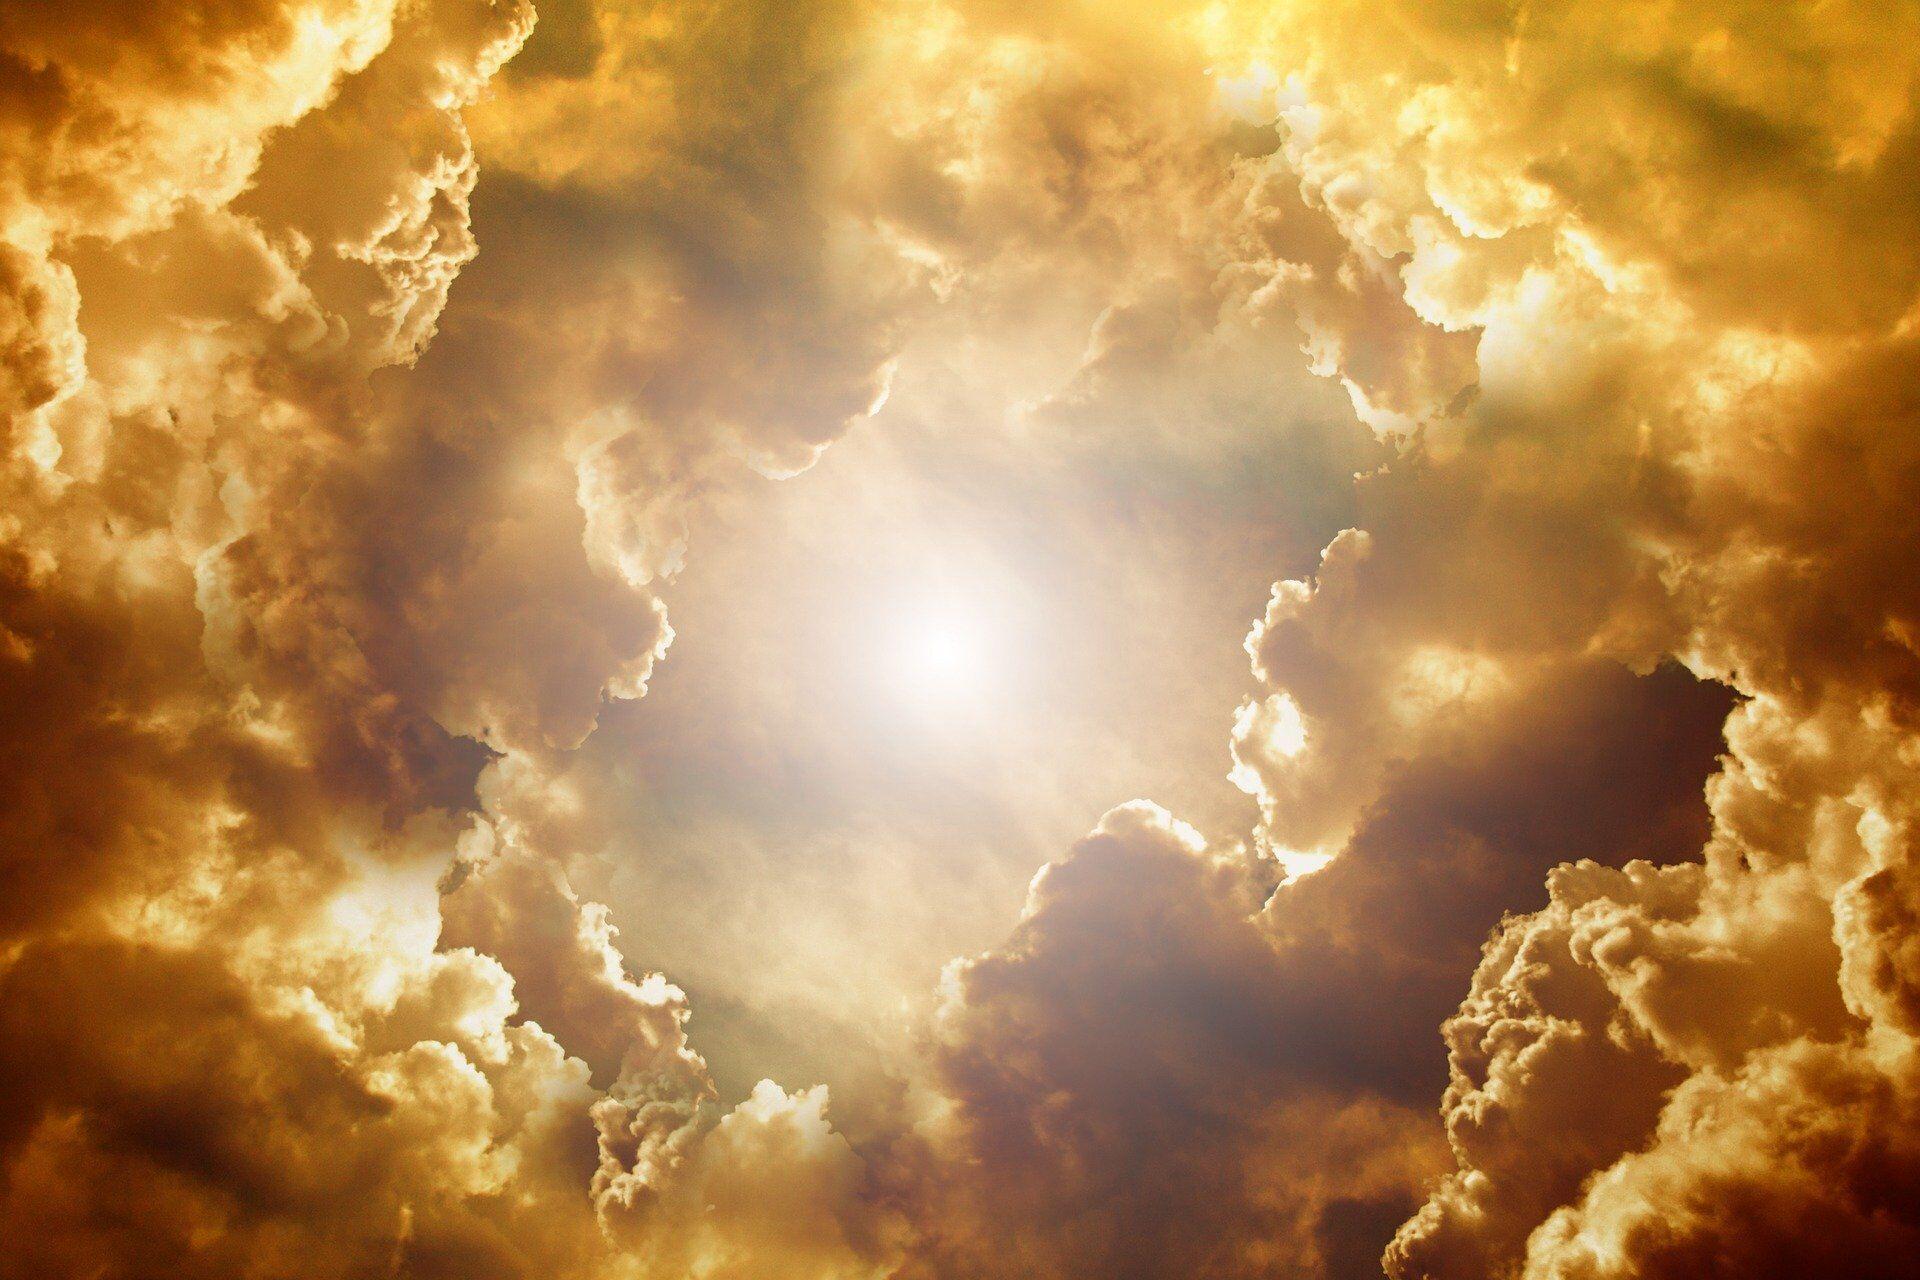 Предки присвячували цей день обрядам для задобрювання Бога Сонця